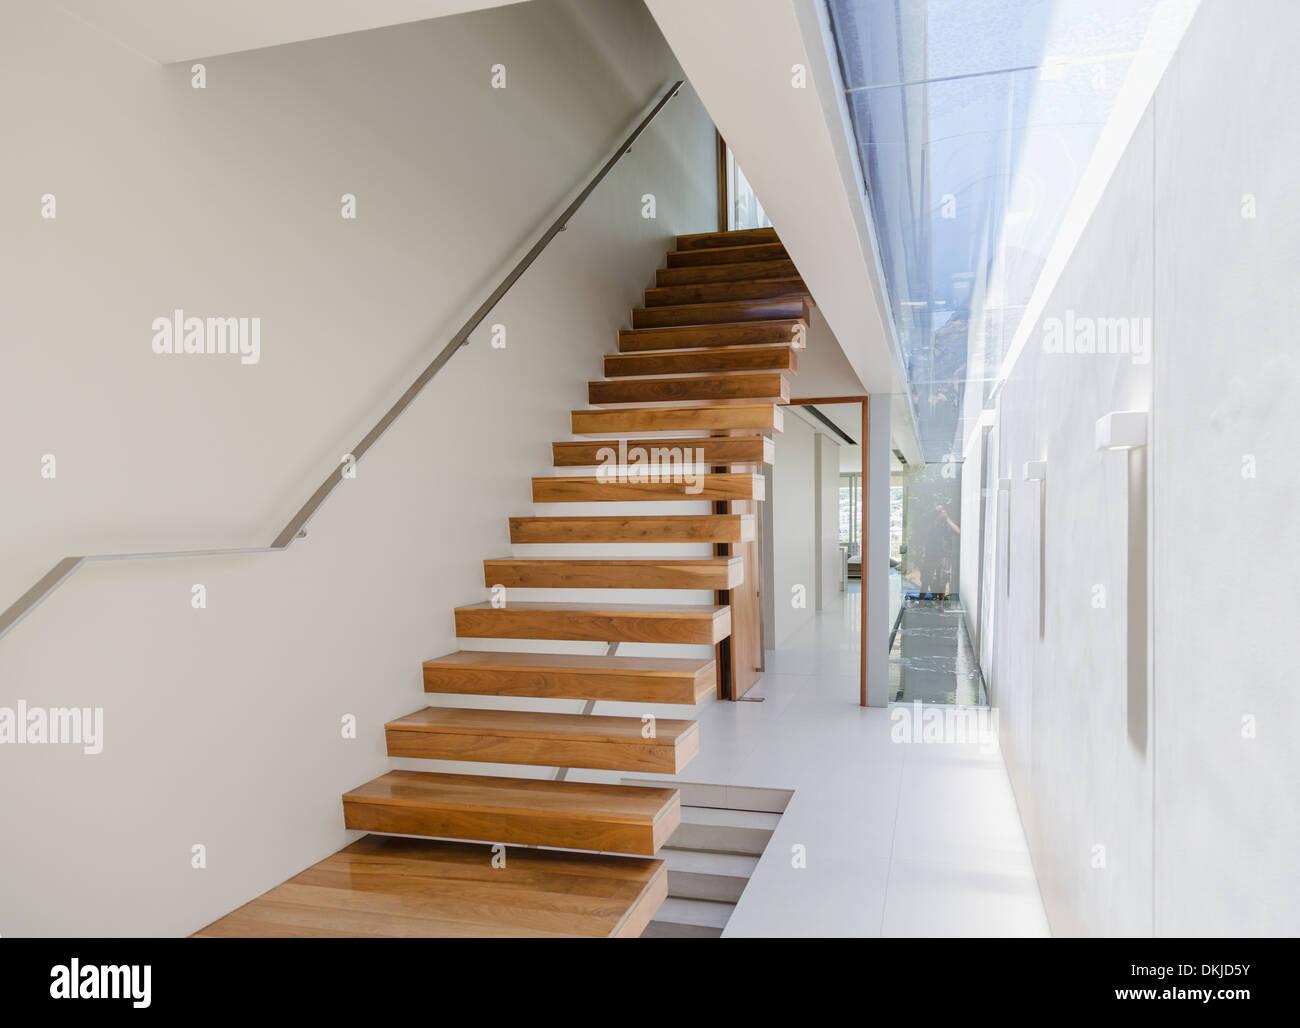 Entzückend Schwebende Treppe Dekoration Von Und Flur In Modernen